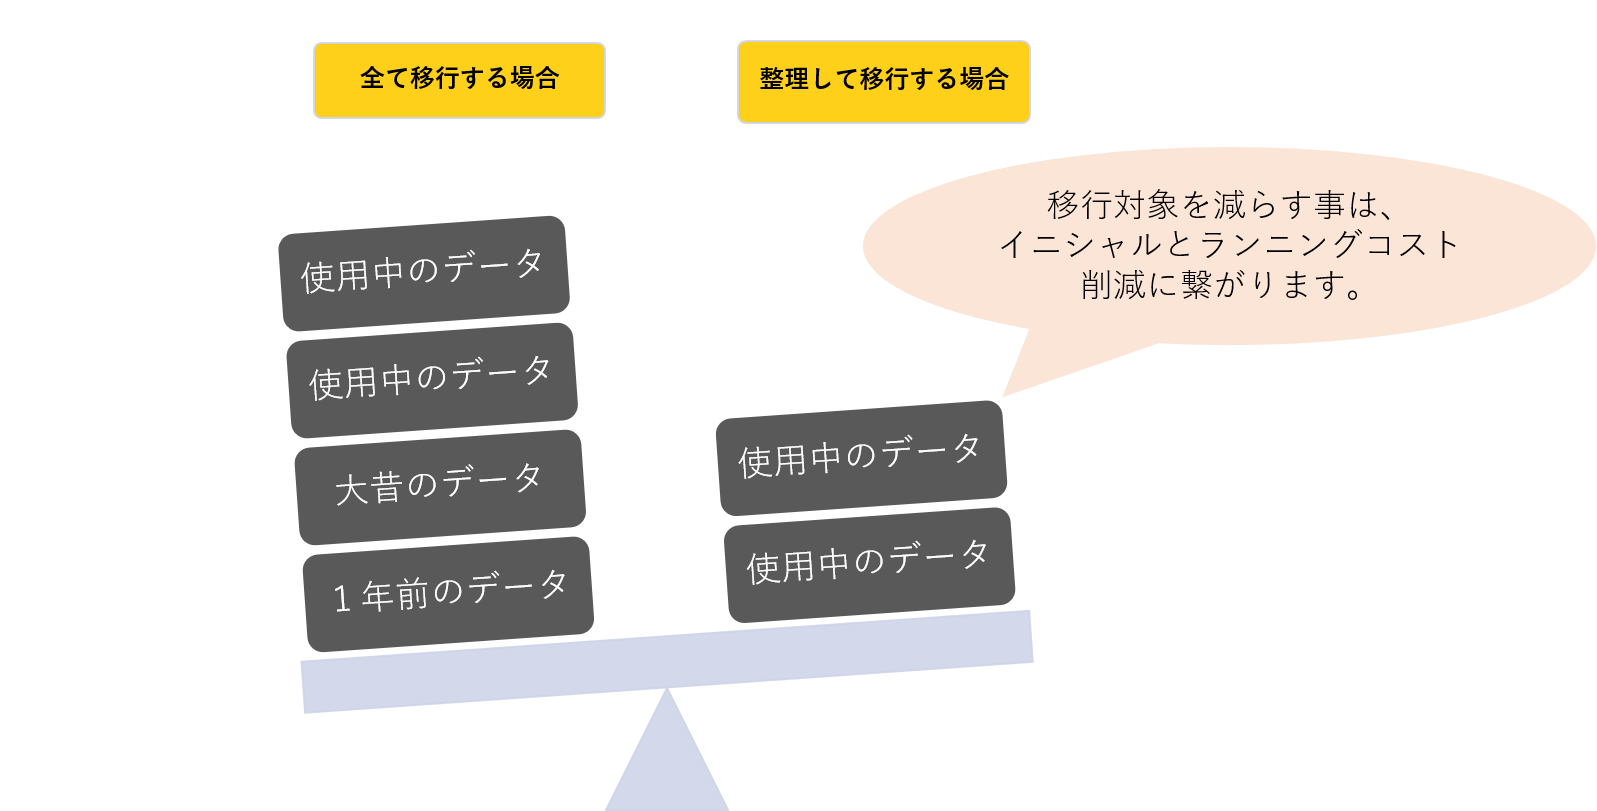 (第3回)SharePoint 移行計画時の重要なポイント解説